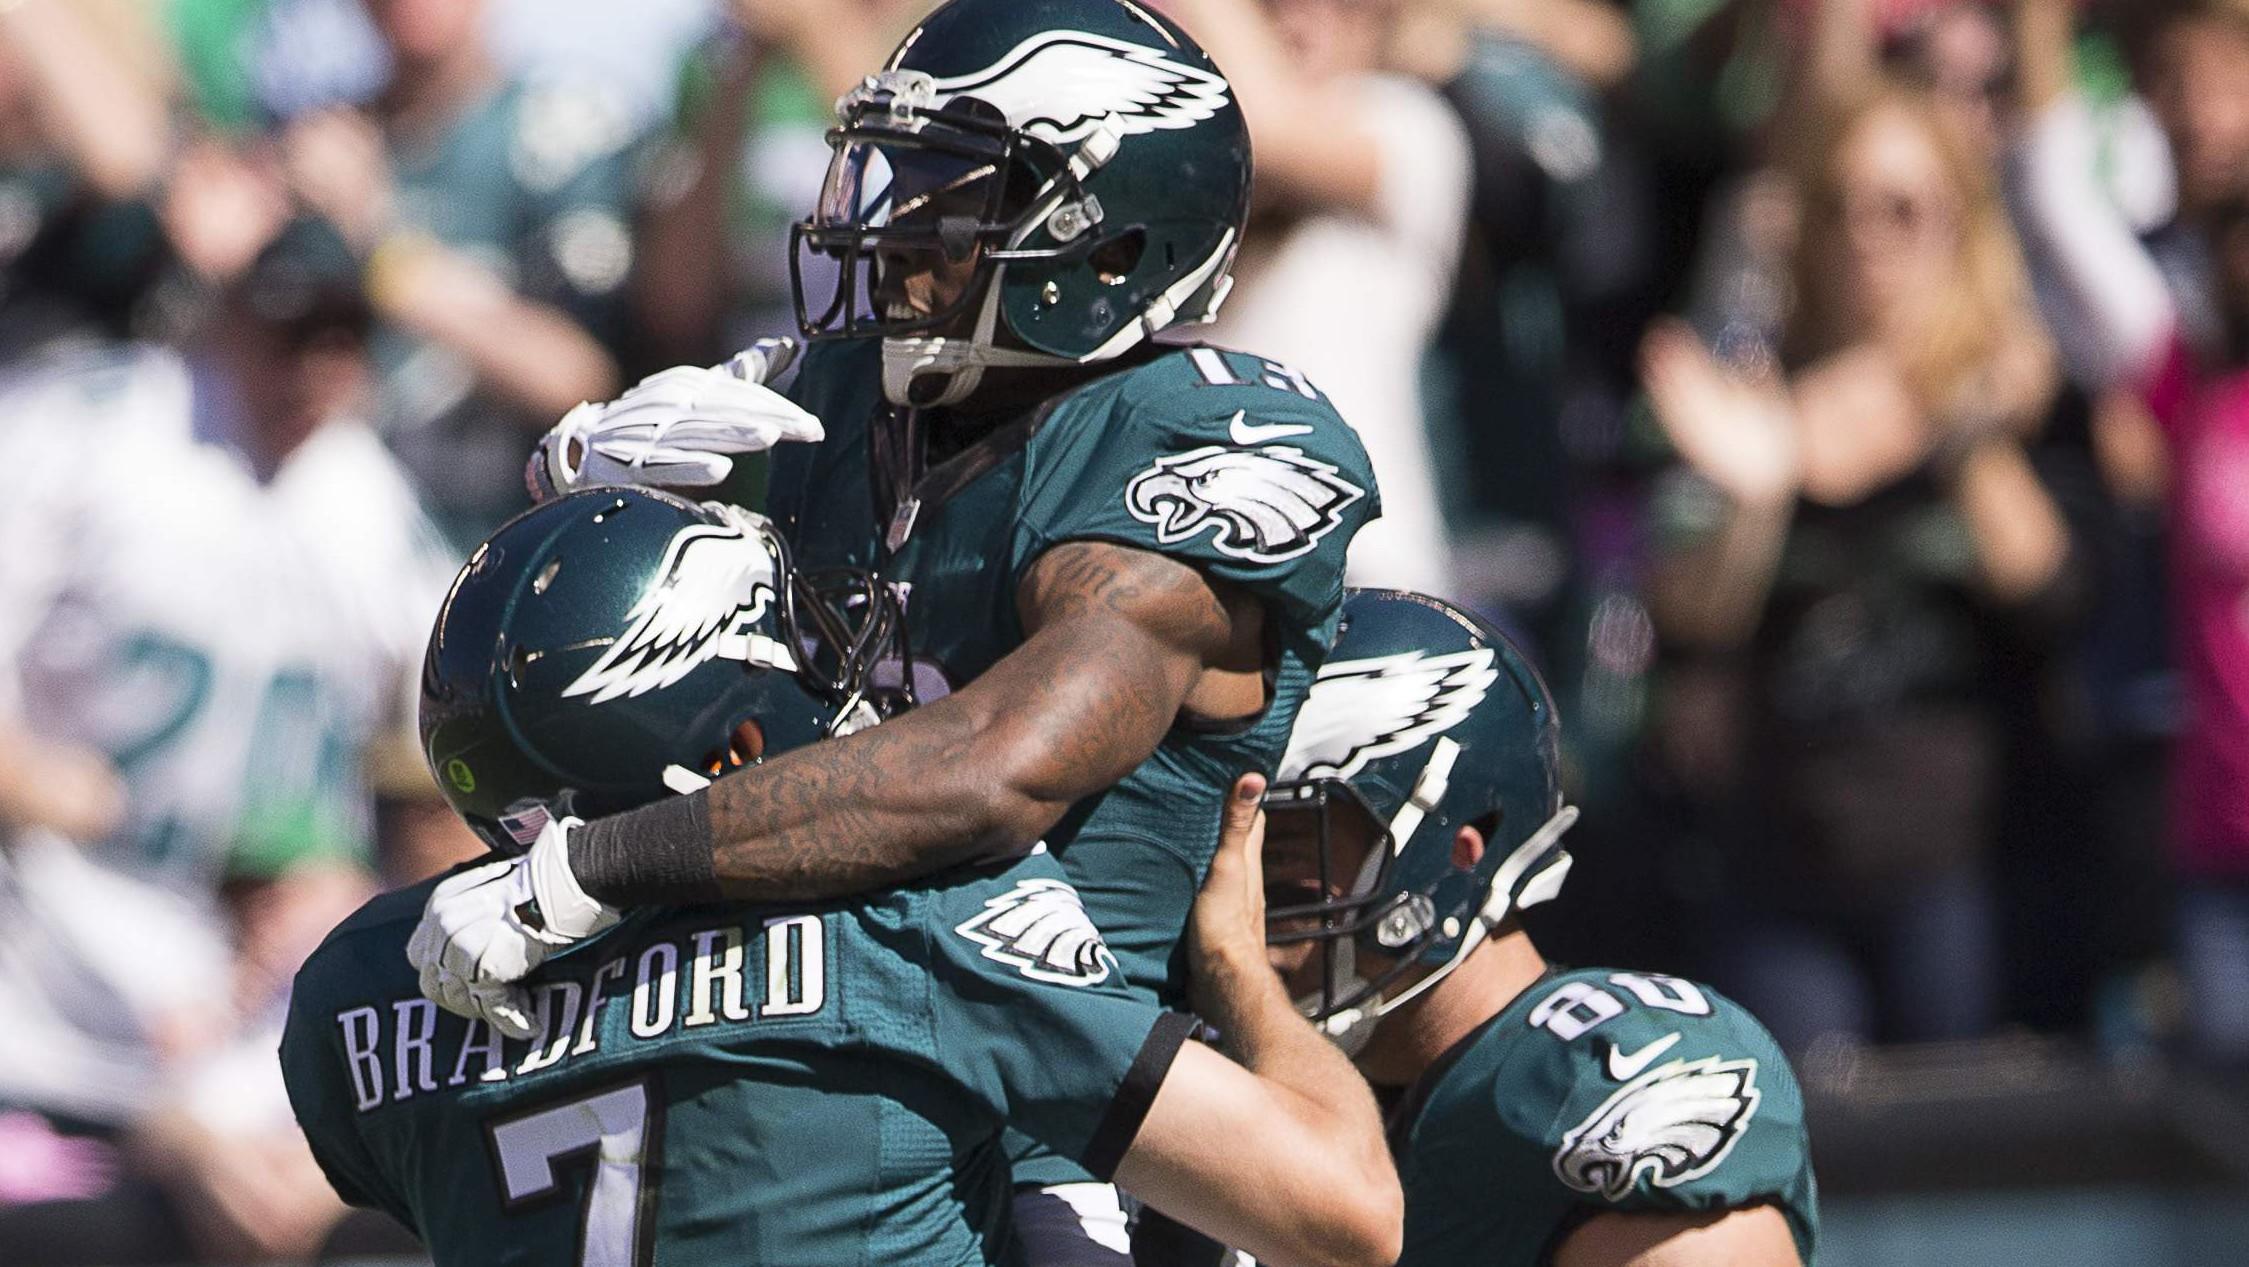 L'attaque des Eagles est-elle enfin lancée ? (Getty)